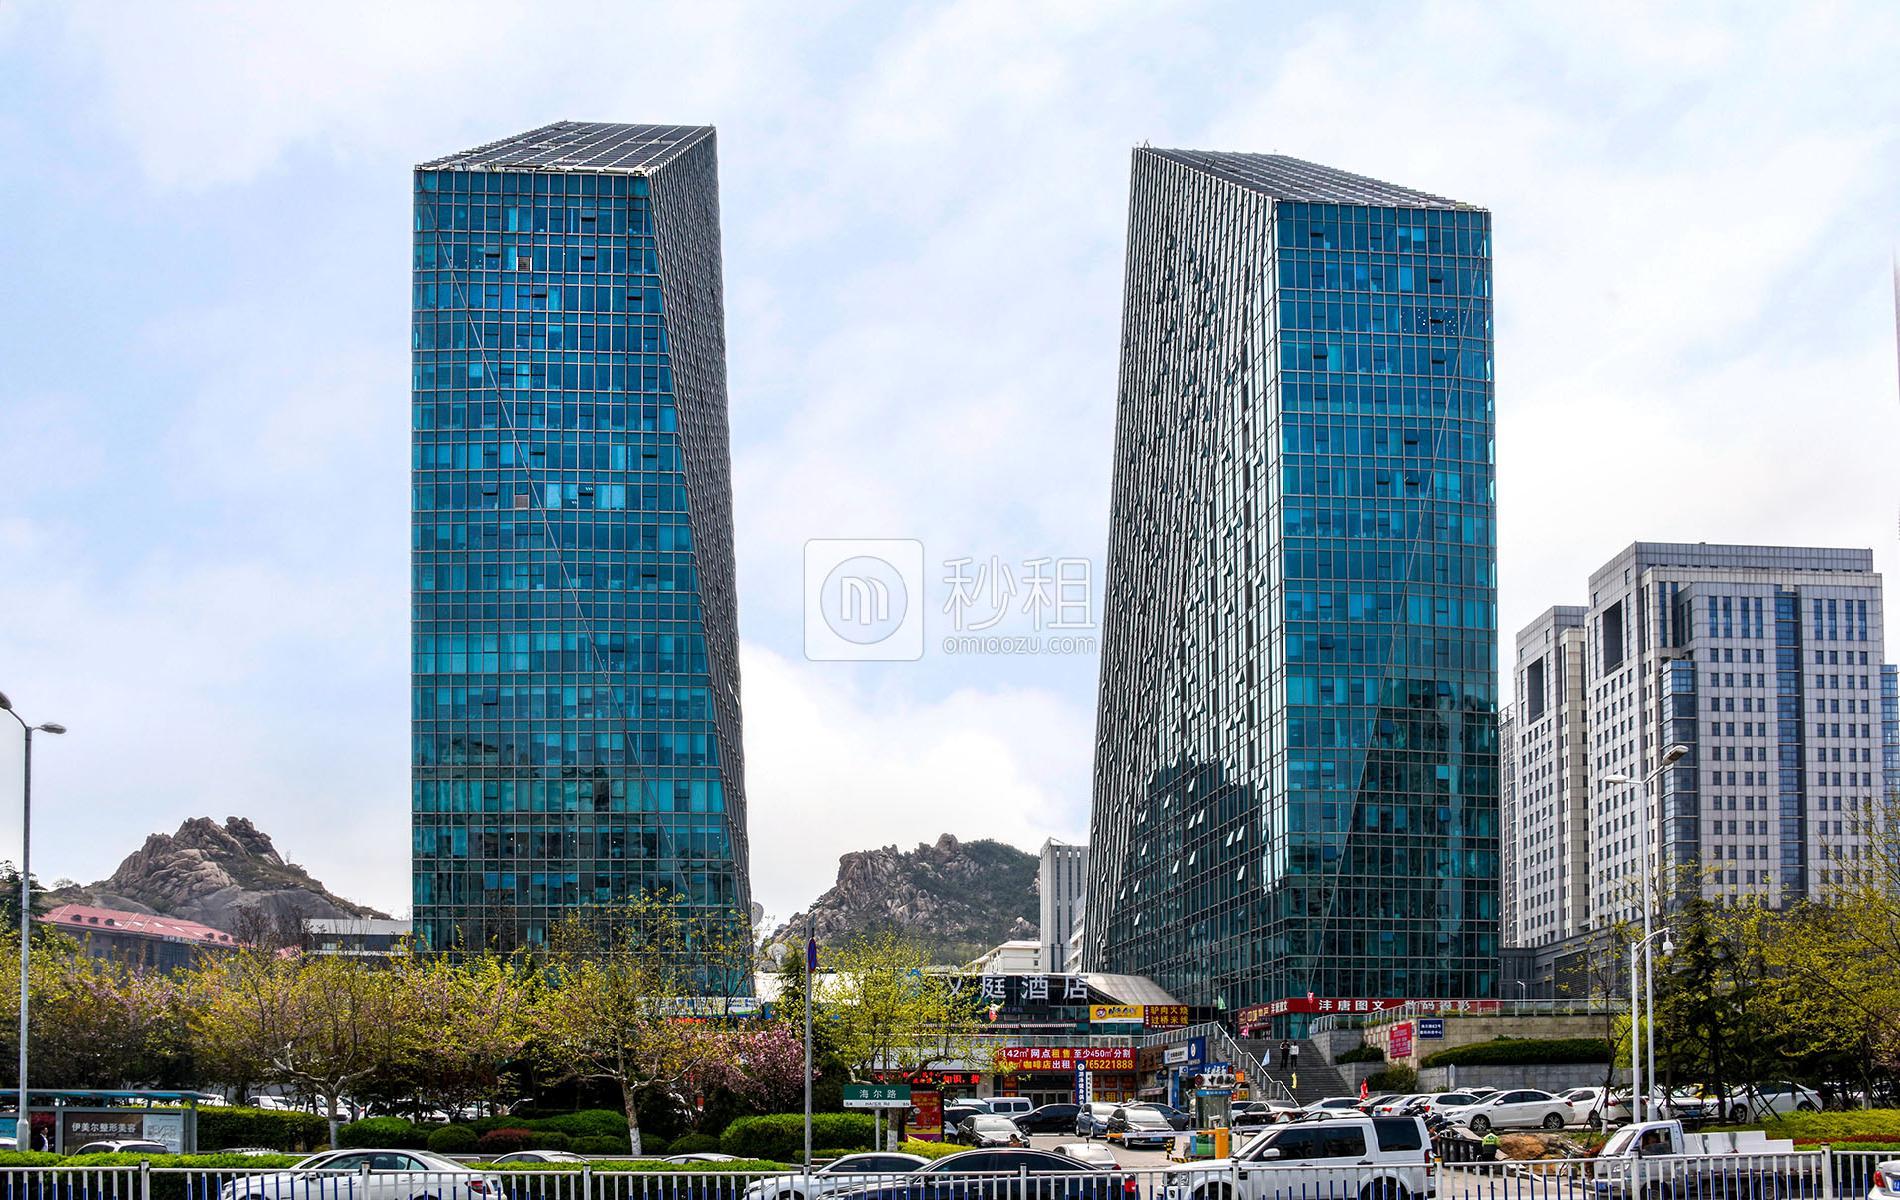 数码科技中心写字楼出租/招租/租赁,数码科技中心办公室出租/招租/租赁